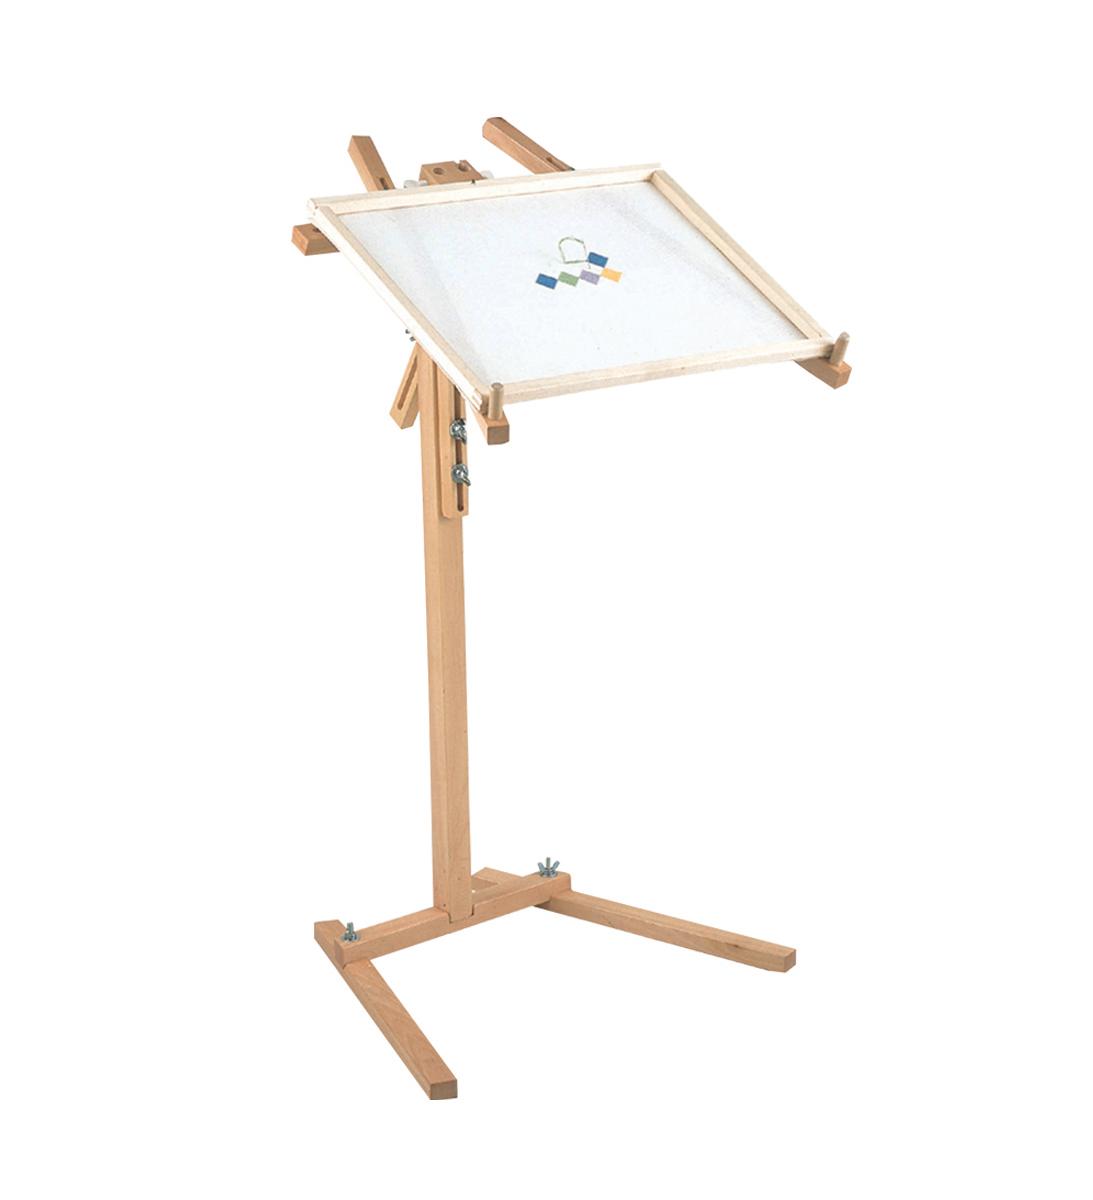 Стенд наполный Daylight универсальныйD53035Универсальный напольный стенд - рабочее место вышивальщицы. Идеально подходит для пялец и рамок ЛЮБЫХ размеров. Материал: дерево